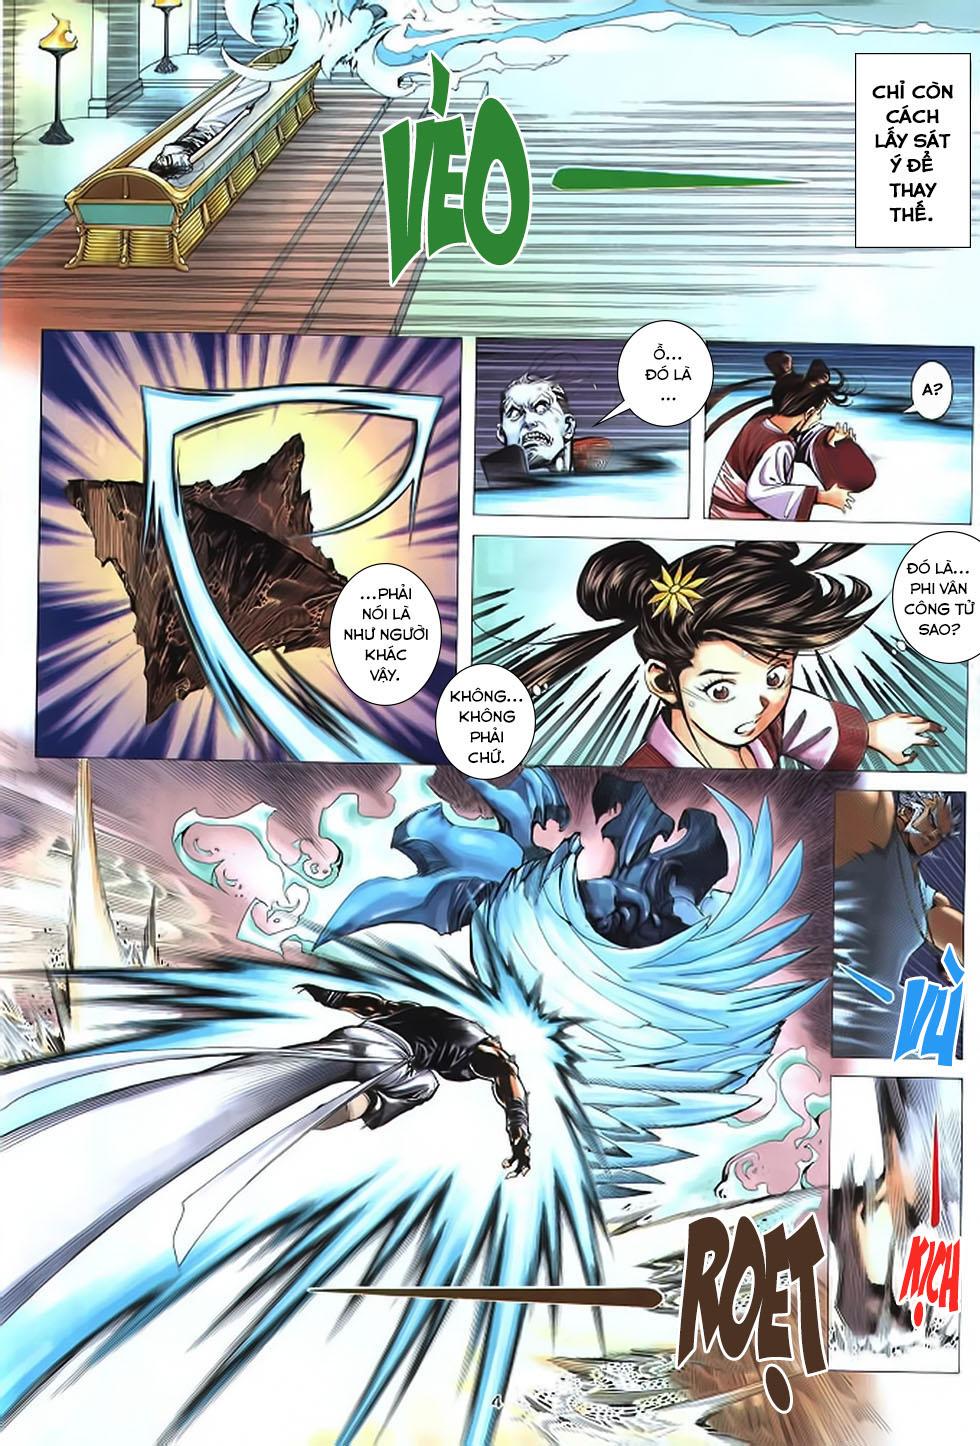 Chiến Thần Ký chap 39 - Trang 5